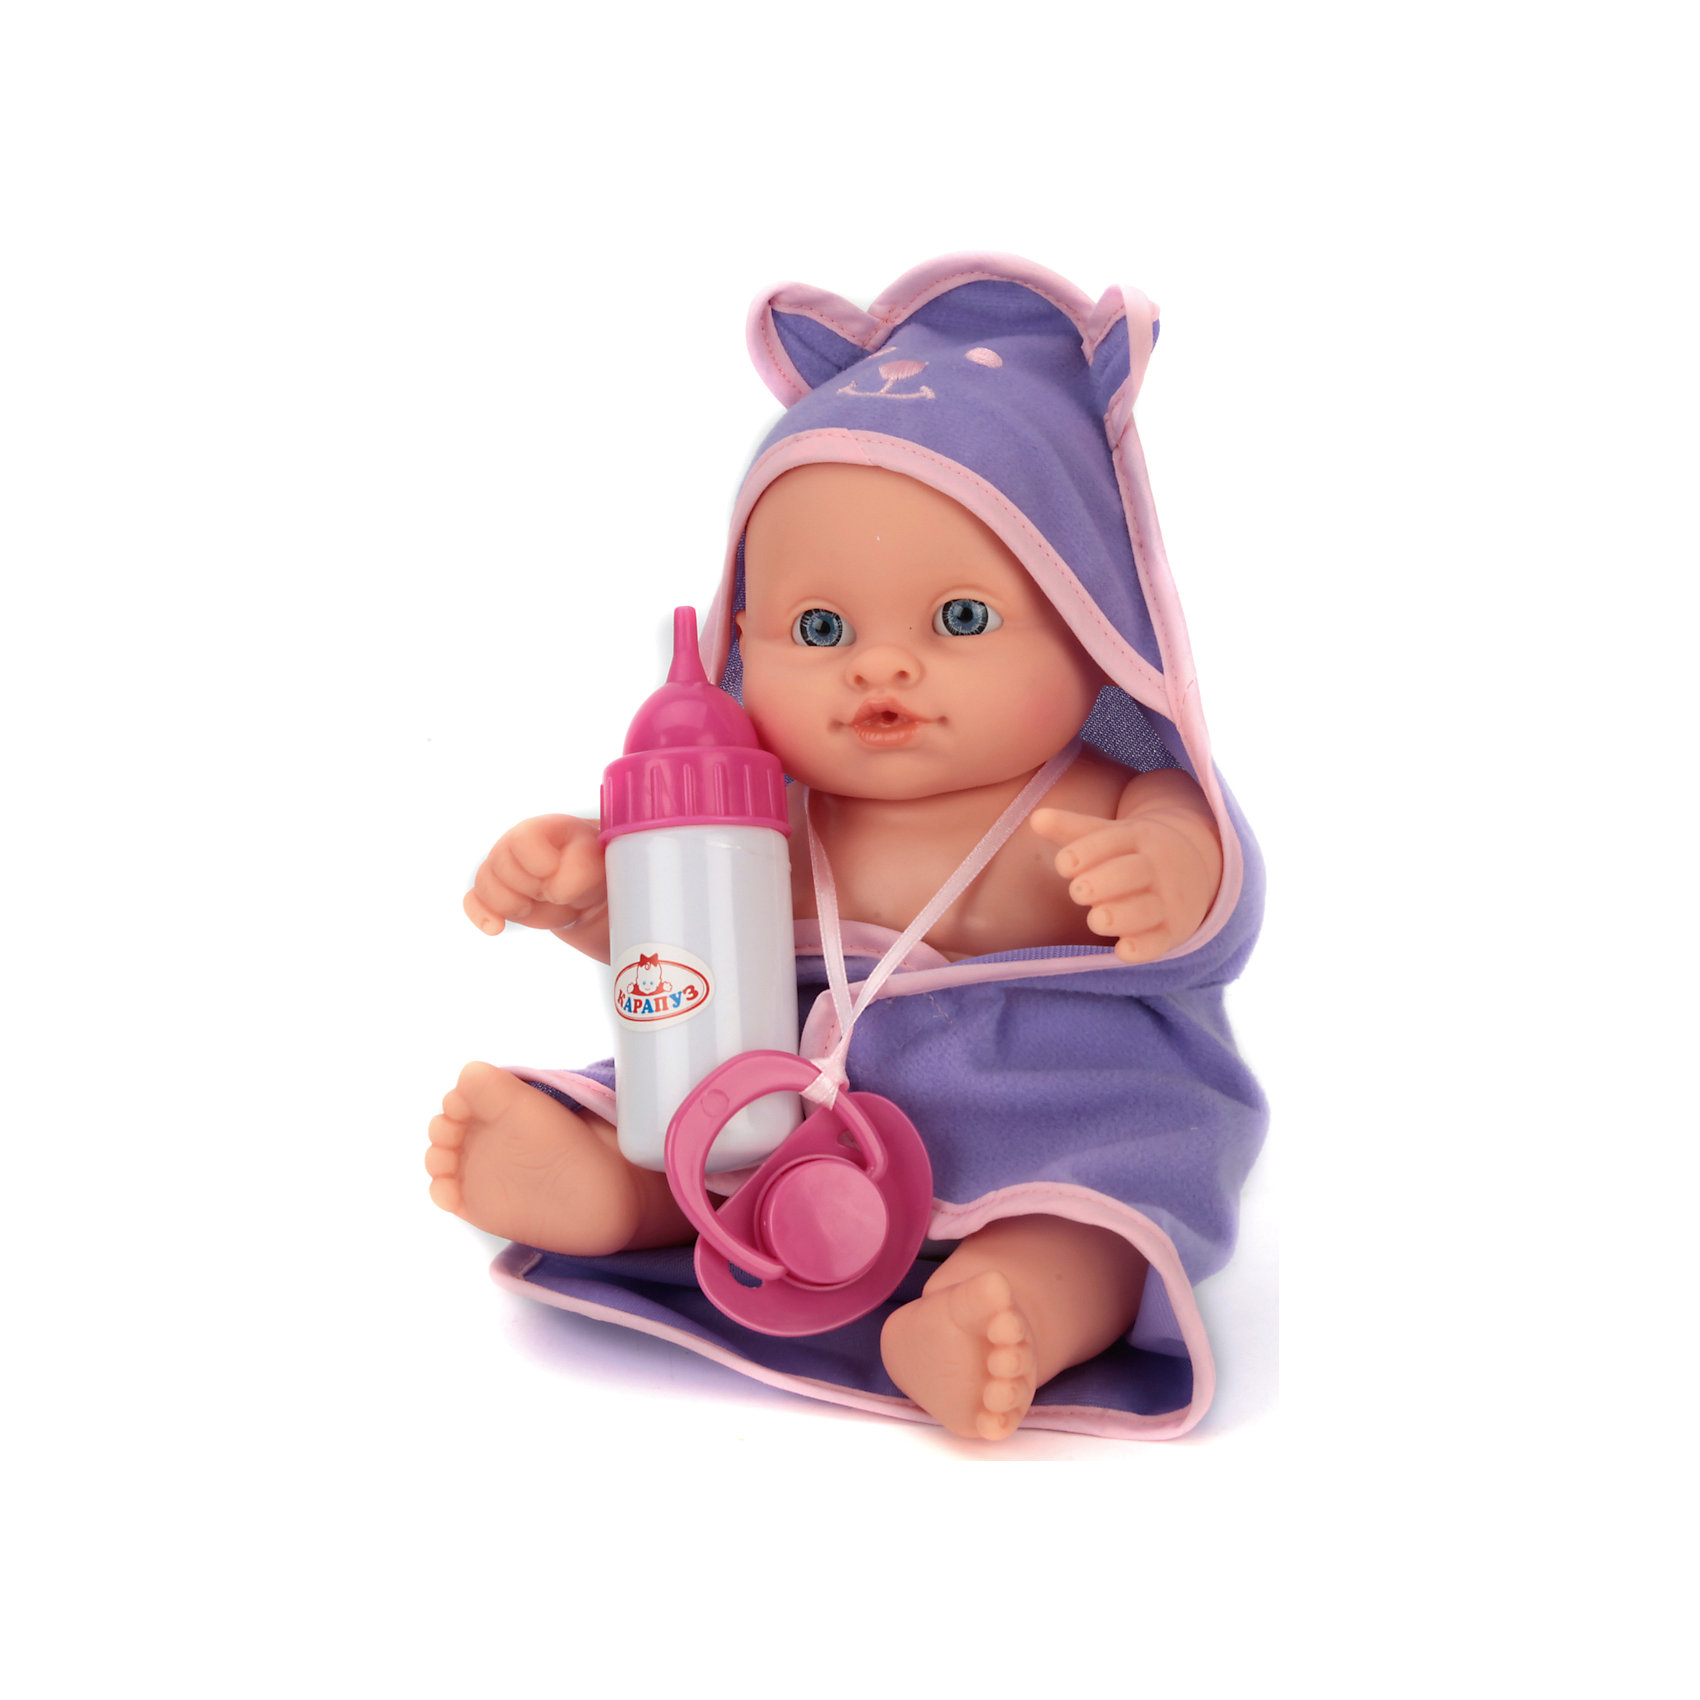 Пупс 23 см, 3 функции с аксессуарами, КарапузИнтерактивные куклы<br>Игрушка выполнена в виде реалистичного малыша с выразительными голубыми глазками, пухлыми губками и вздернутым носиком. Игрушка умеет реалистично писать в горшок, если ее сначала напоить водичкой из бутылочки, предусмотренной в комплекте. У пупса подвижные ручки и ножки, поэтому ему можно придавать самые разнообразные позы в процессе игры. Тело игрушки полностью выполнено из пластика, что позволяет малышкам купать любимца в ванной и брать его с собой во время купания. В комплект входят: бутылочка, горшочек и дополнительный комплект сменной одежды.<br><br>Ширина мм: 45<br>Глубина мм: 64<br>Высота мм: 25<br>Вес г: 490<br>Возраст от месяцев: 36<br>Возраст до месяцев: 60<br>Пол: Женский<br>Возраст: Детский<br>SKU: 6863973